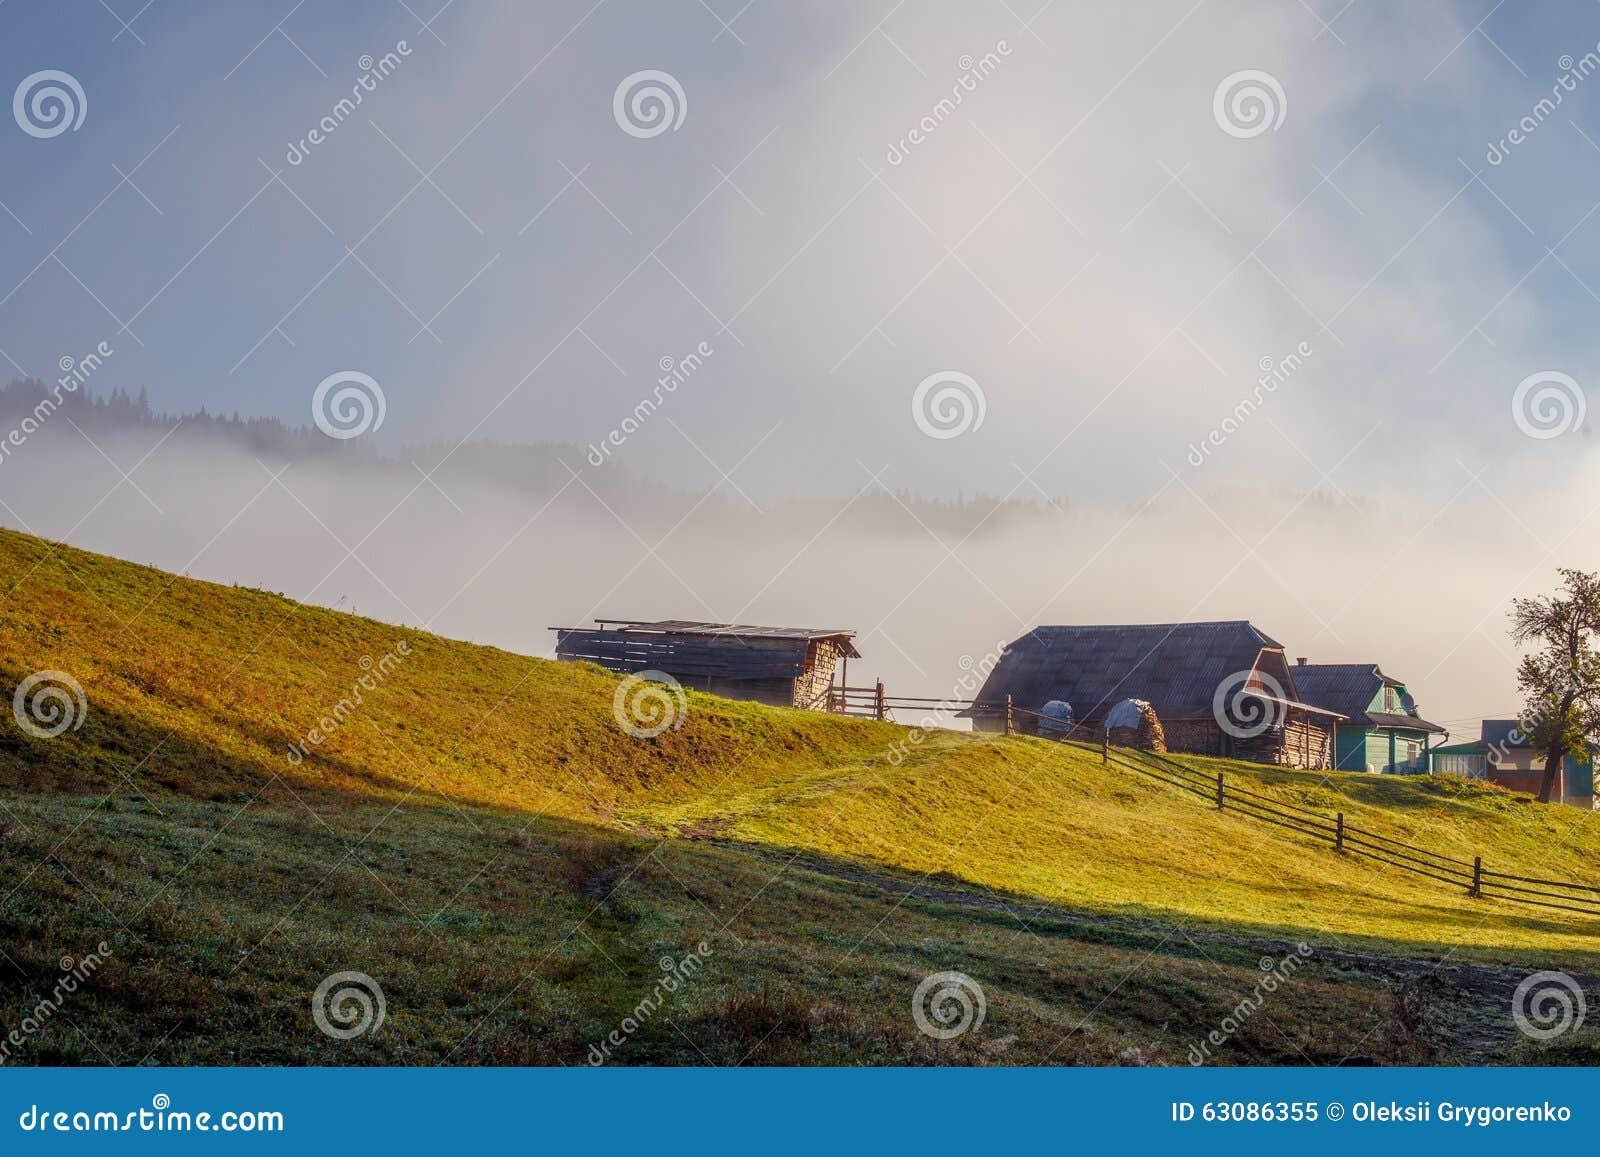 Download Maisons En Bois Sur La Colline Sur Le Fond De Brouillard Image stock - Image du gouttelette, couleur: 63086355